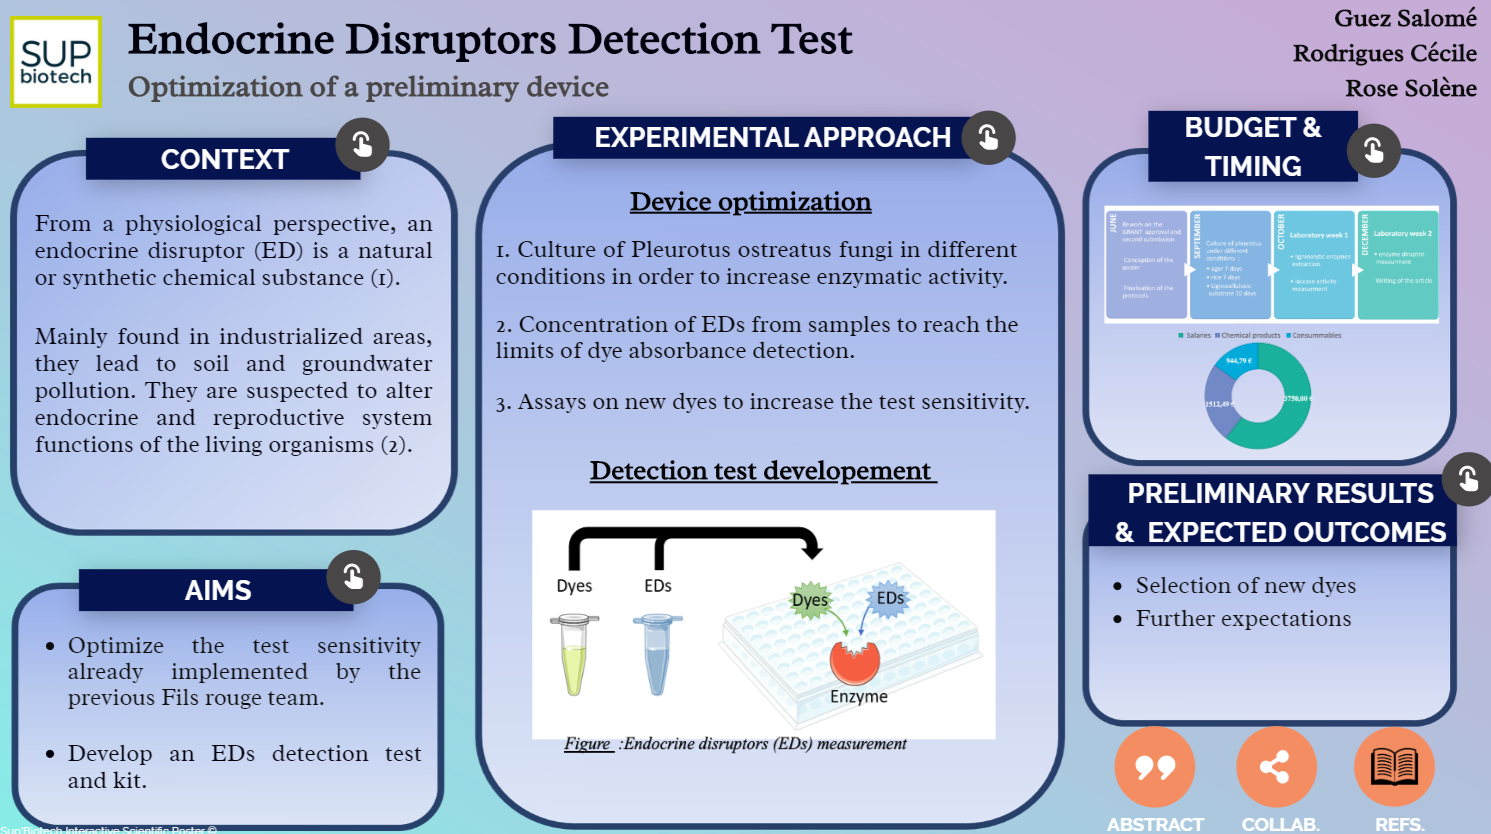 Endocrine Discruptors